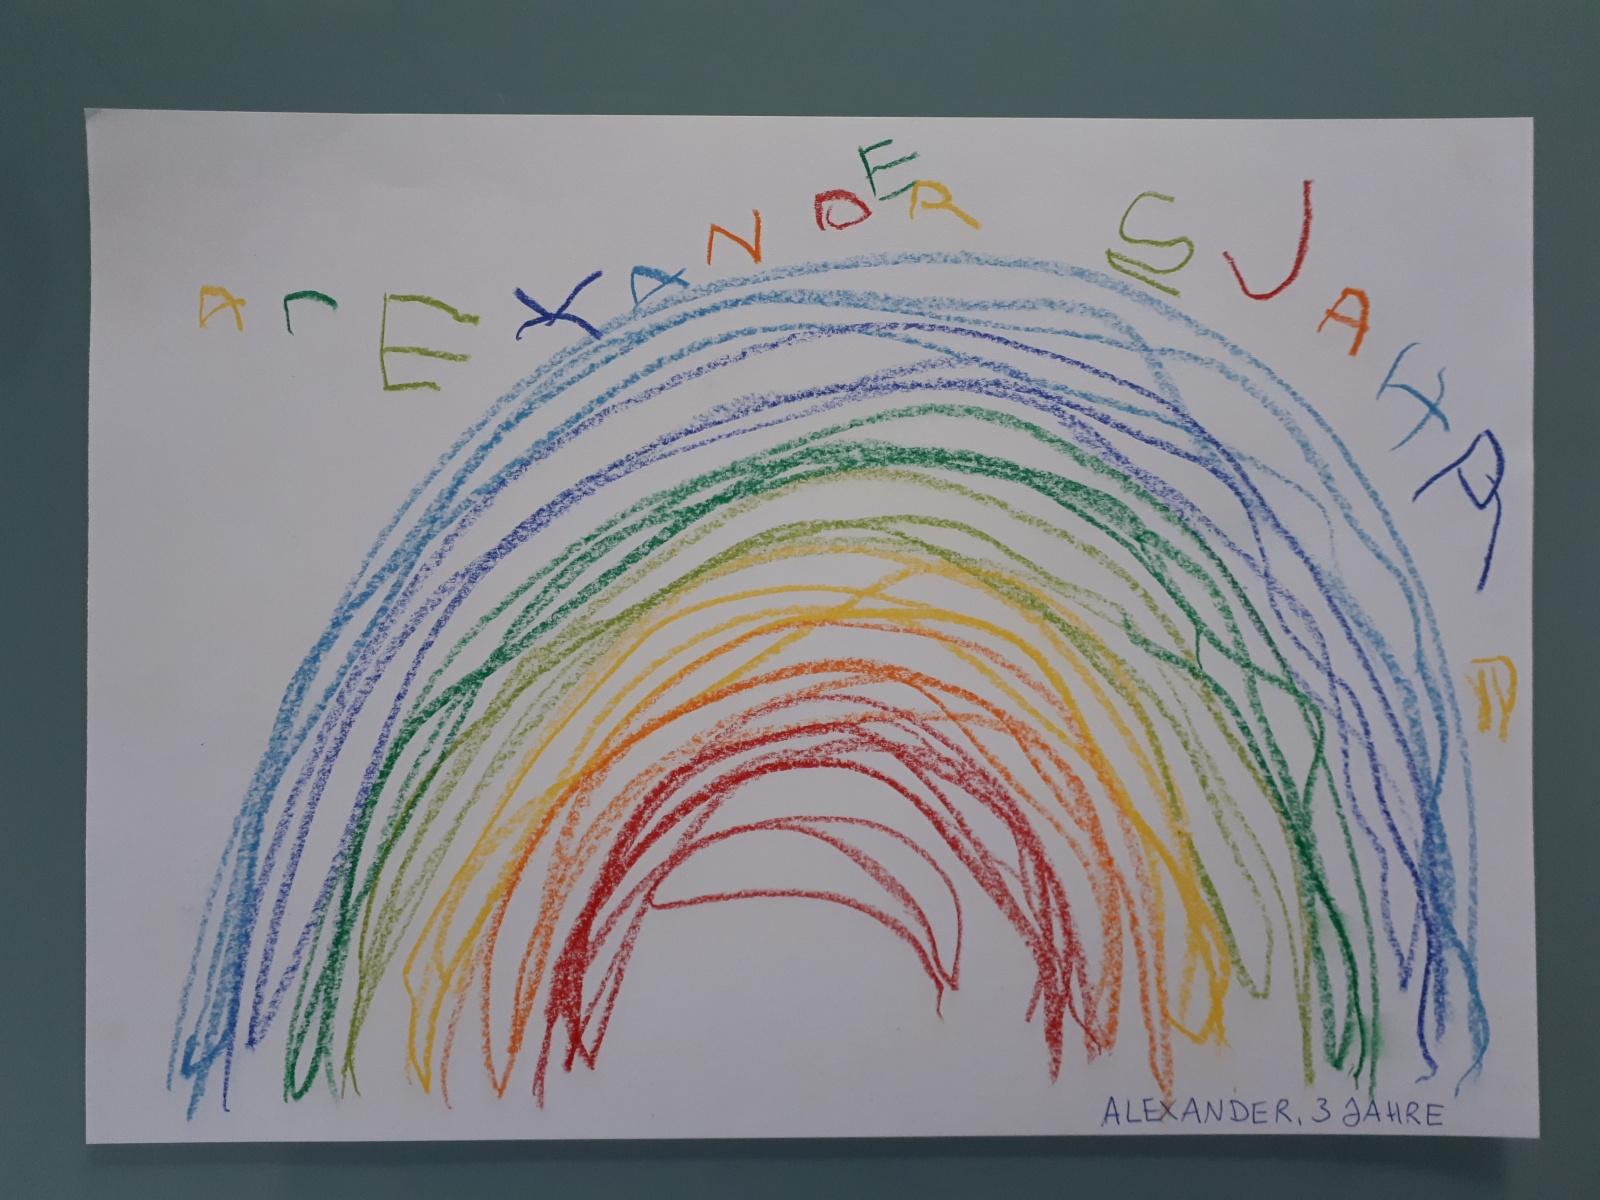 Alelxander-3-Jahre